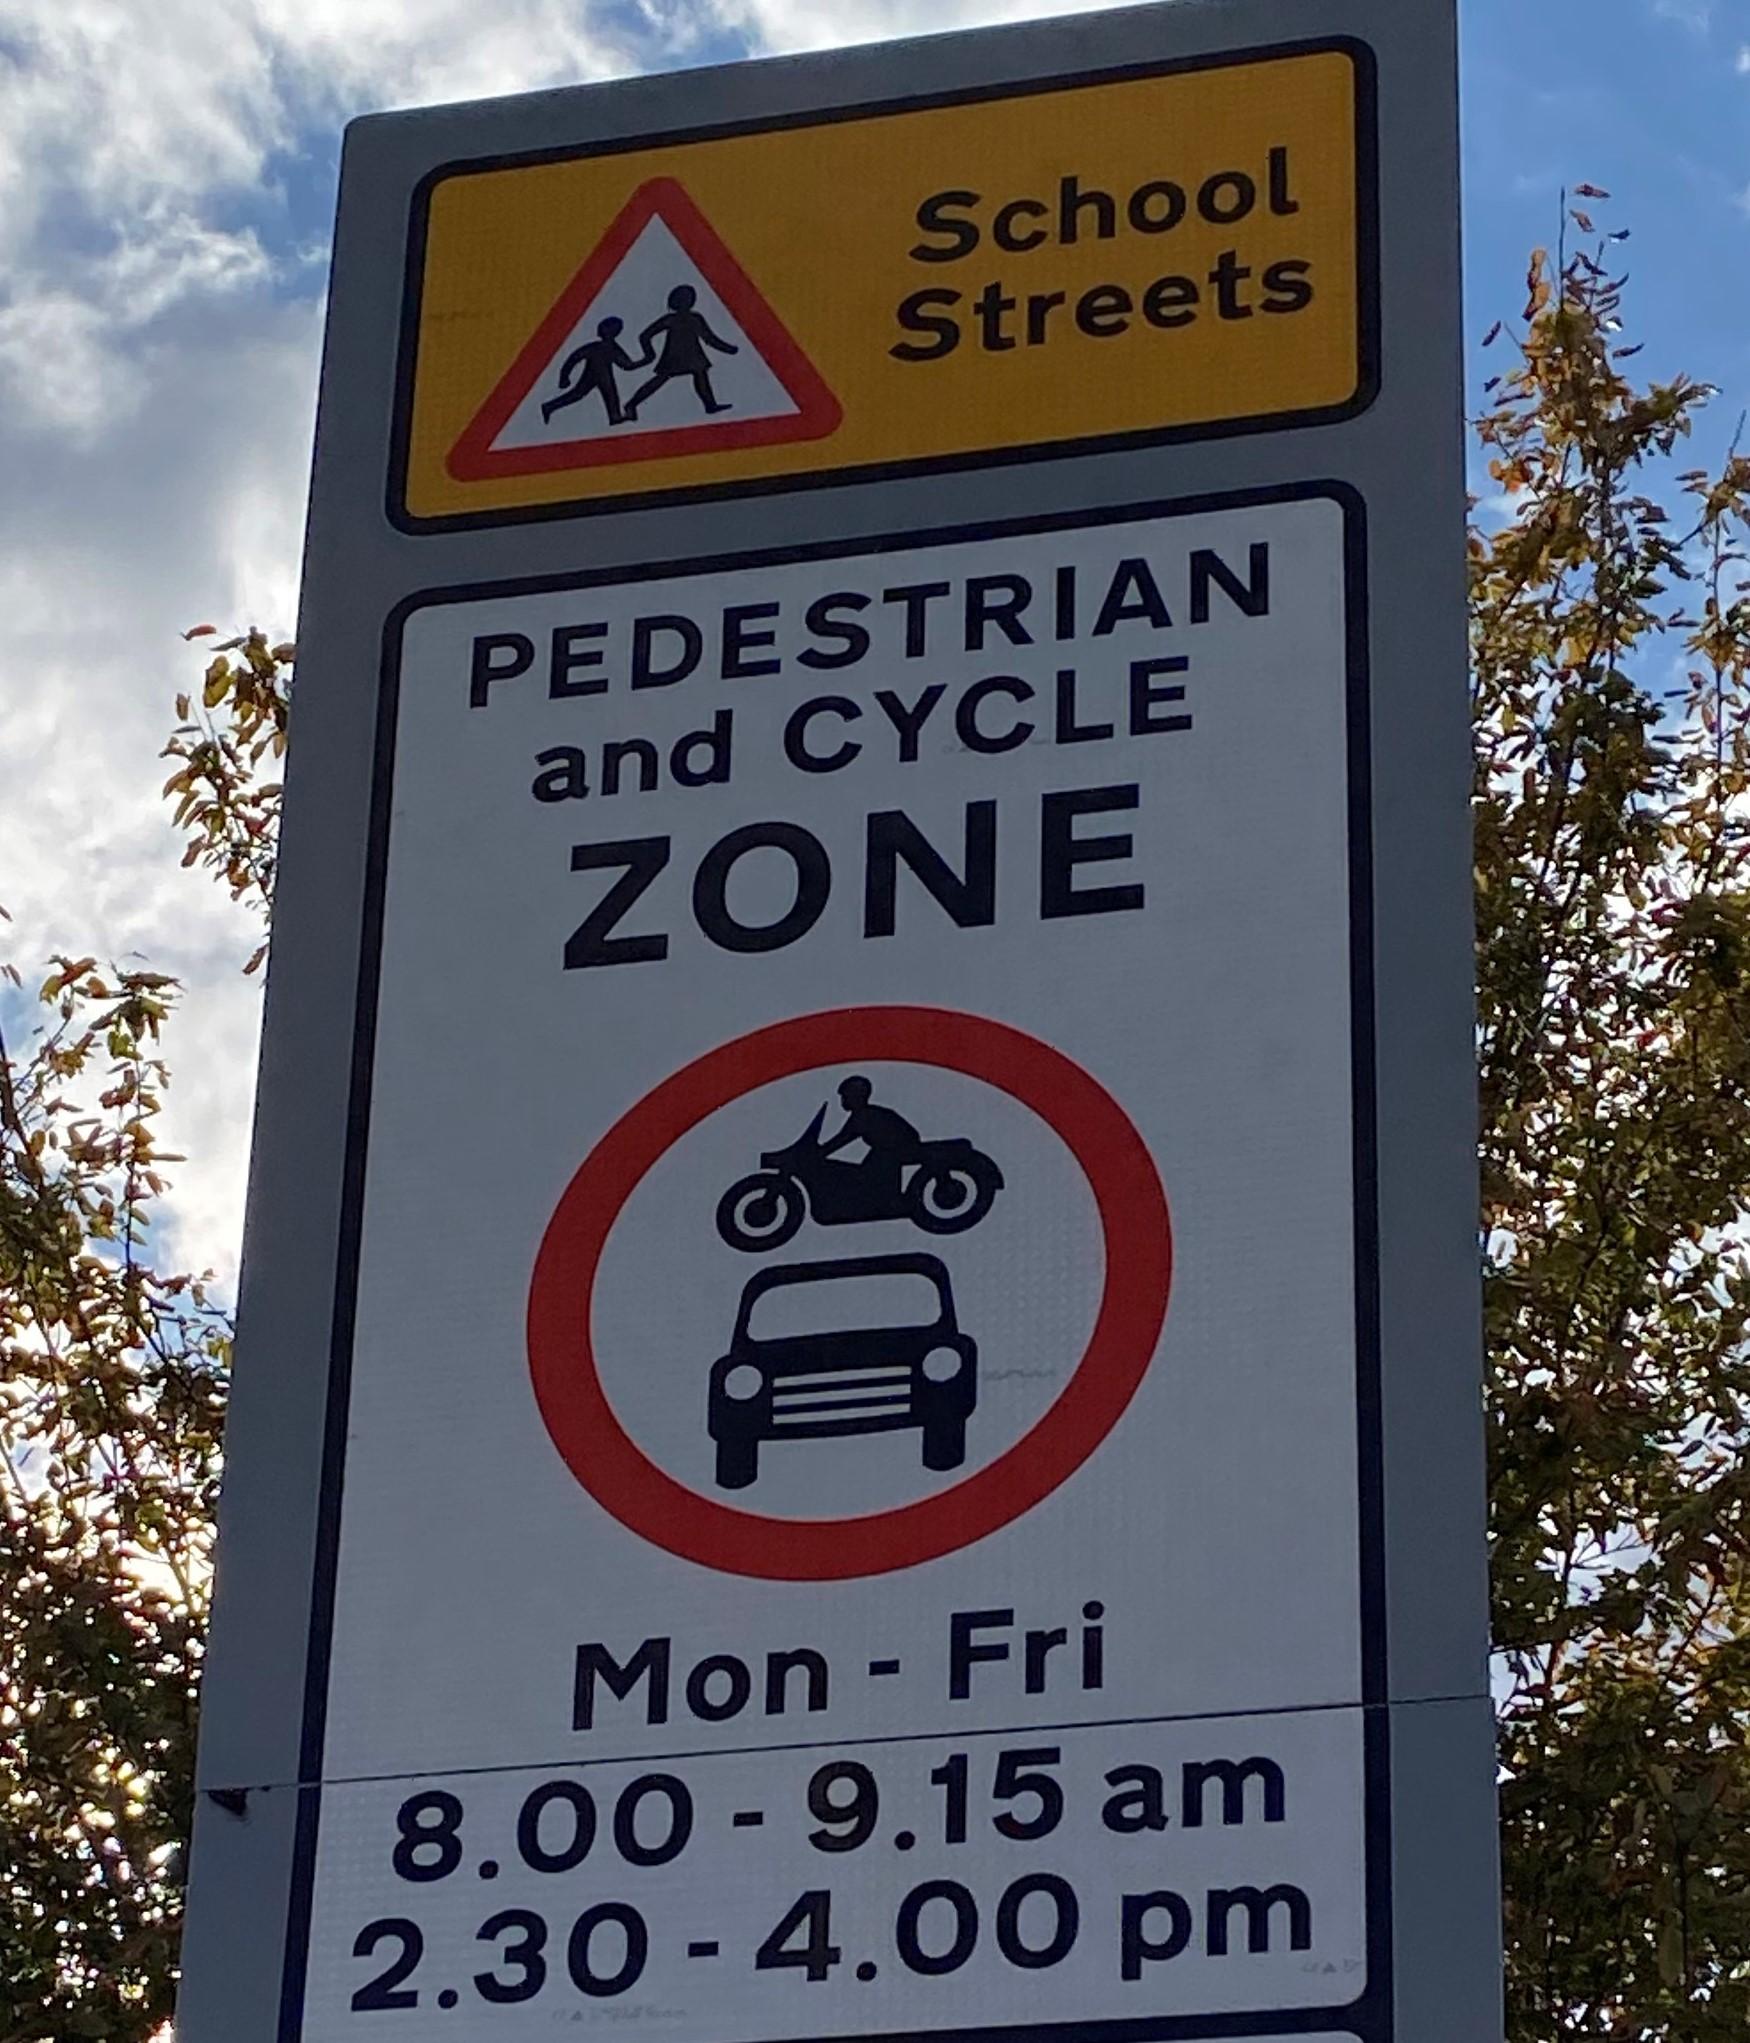 Merton School Streets Consultation